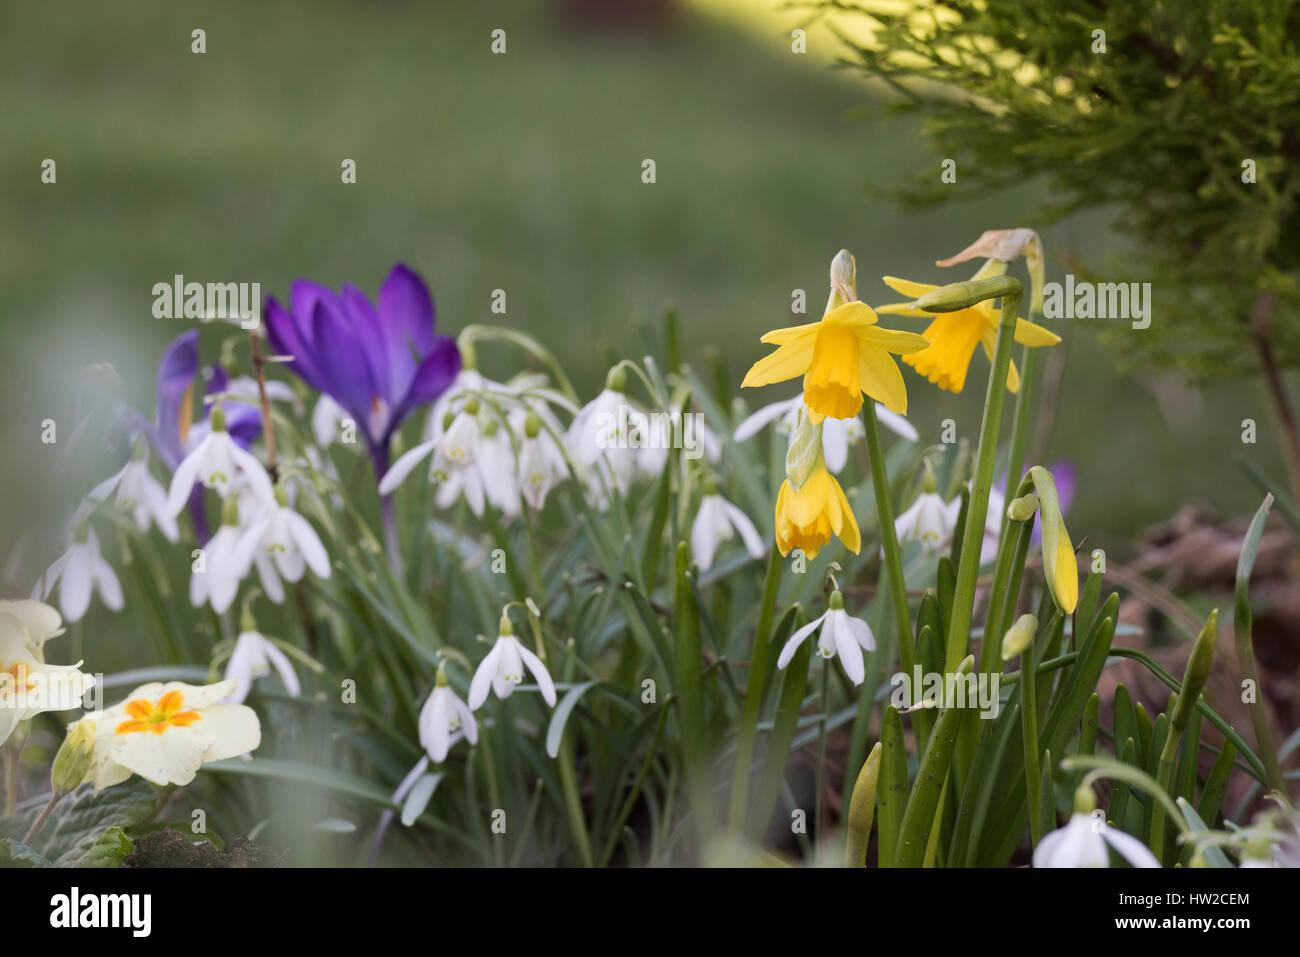 Spring flowers in a garden border in early march daffodils spring flowers in a garden border in early march daffodils crocuses and snowdrops uk mightylinksfo